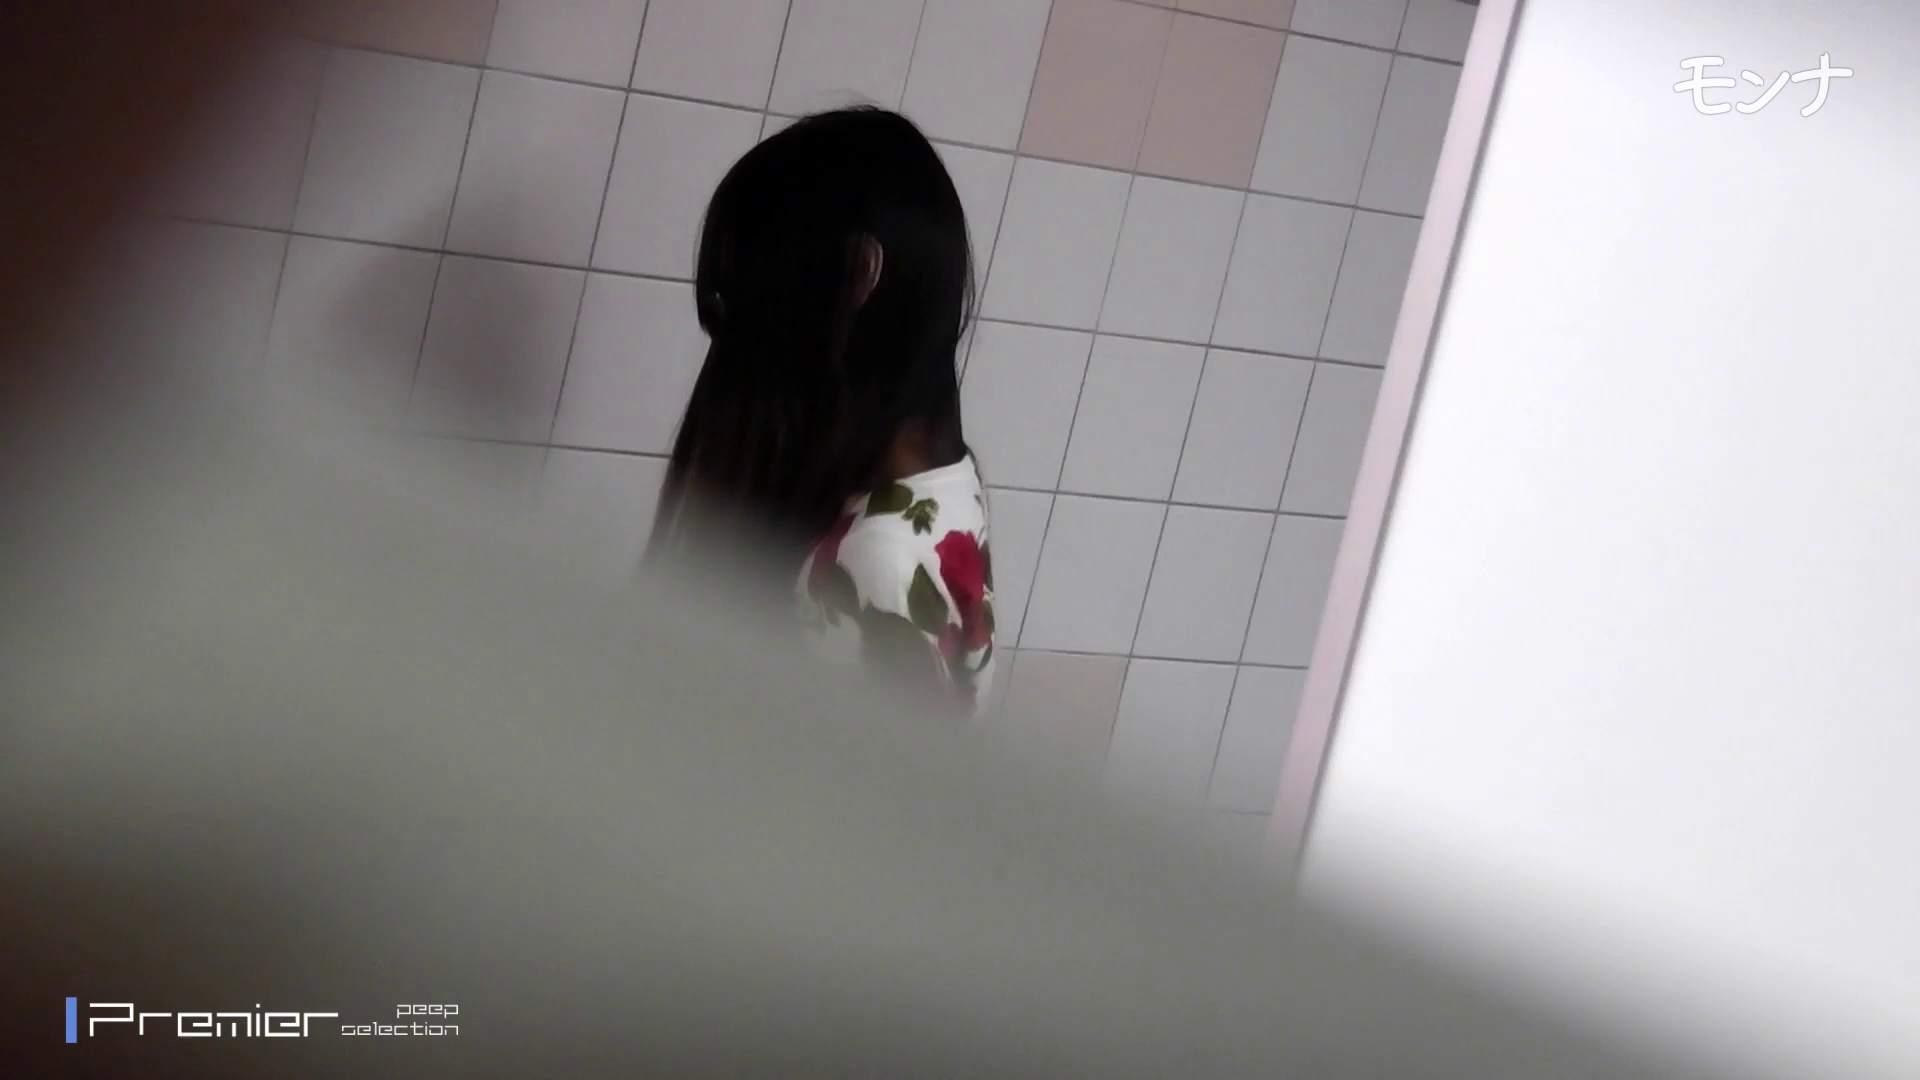 美しい日本の未来 No.55 普通の子たちの日常調長身あり おまんこ無修正   盗撮  36pic 4